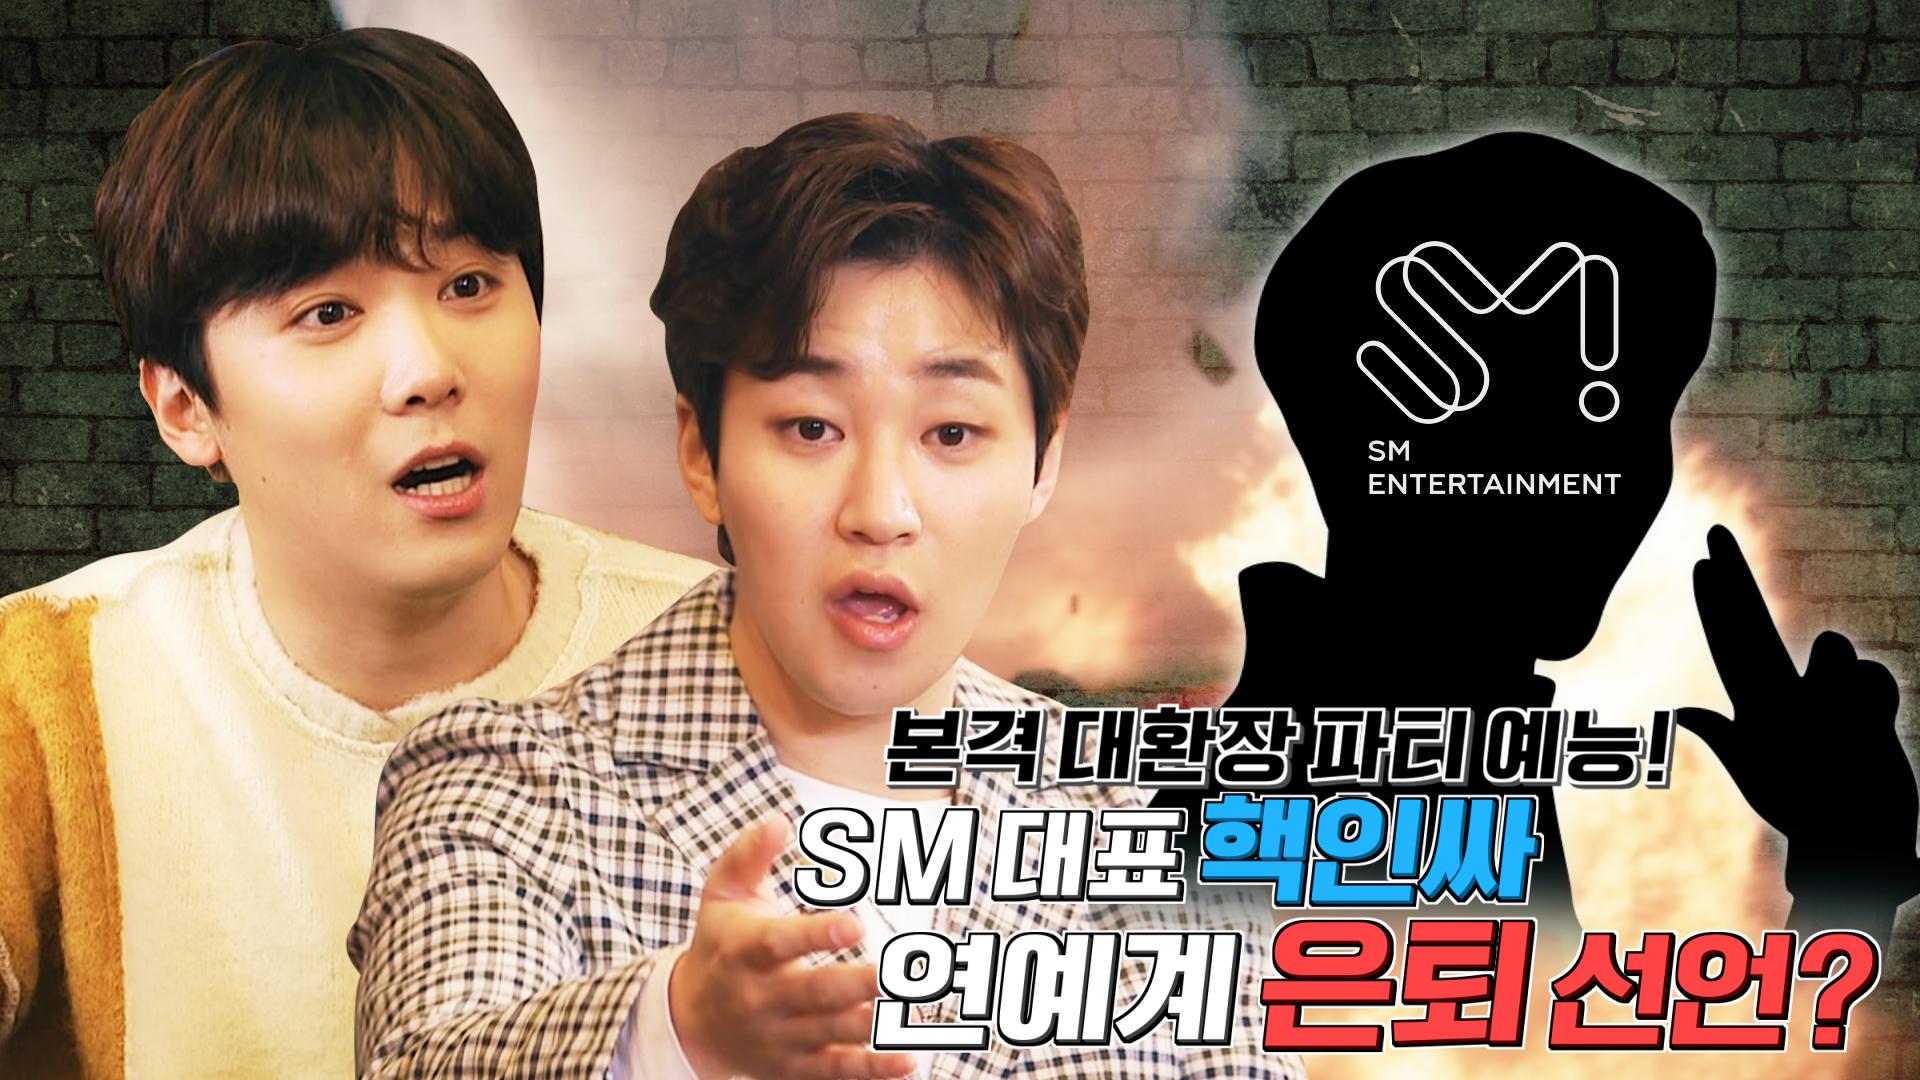 본격 대환장 파티 예능! SM 대표 핵인싸 연예계 은퇴 선언?!